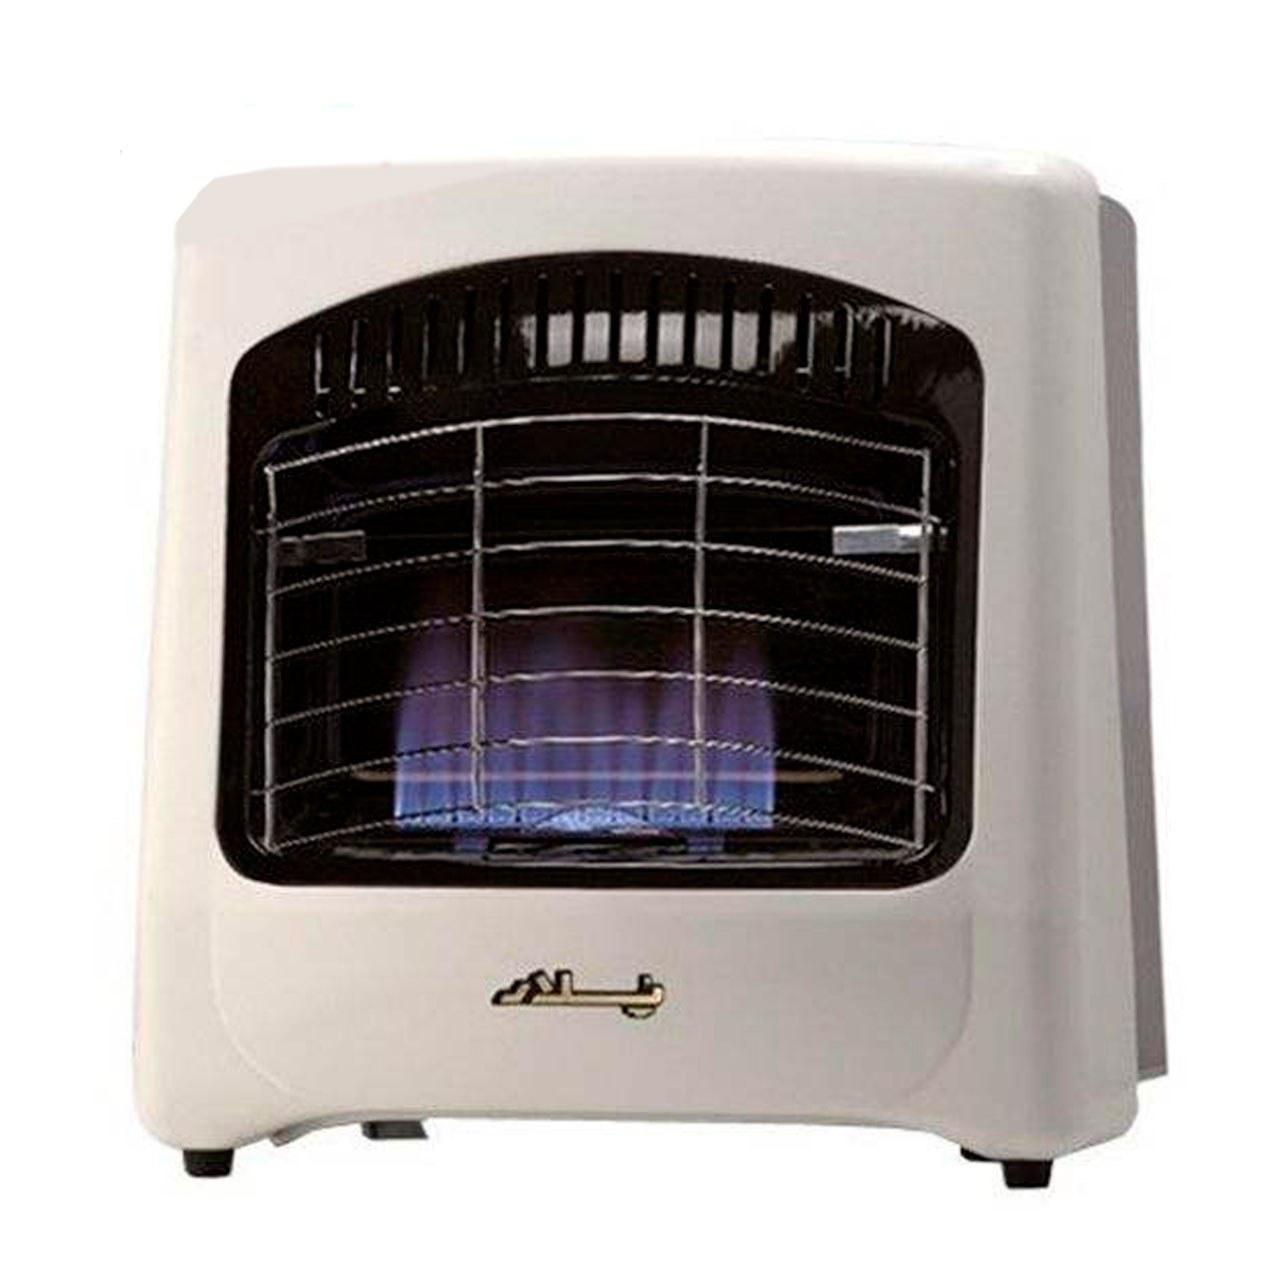 تصویر بخاری گازی بدون دودکش پلار Polar Gas Heater KN-20